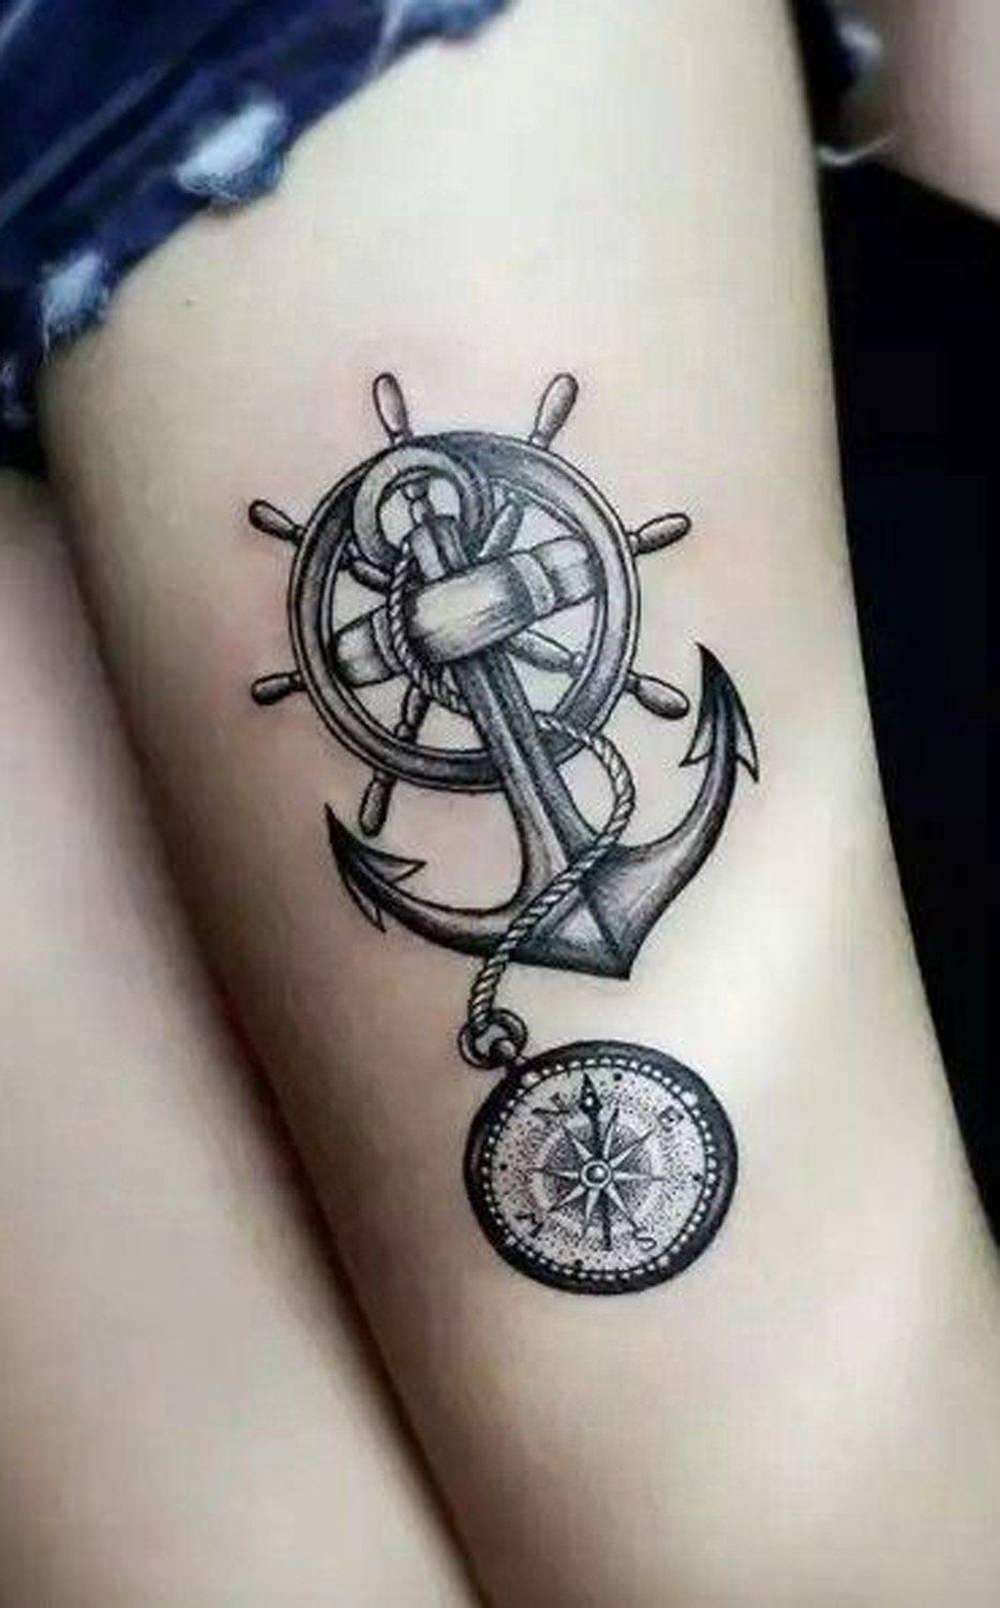 Tatuagem na coxa de âncora e bússola